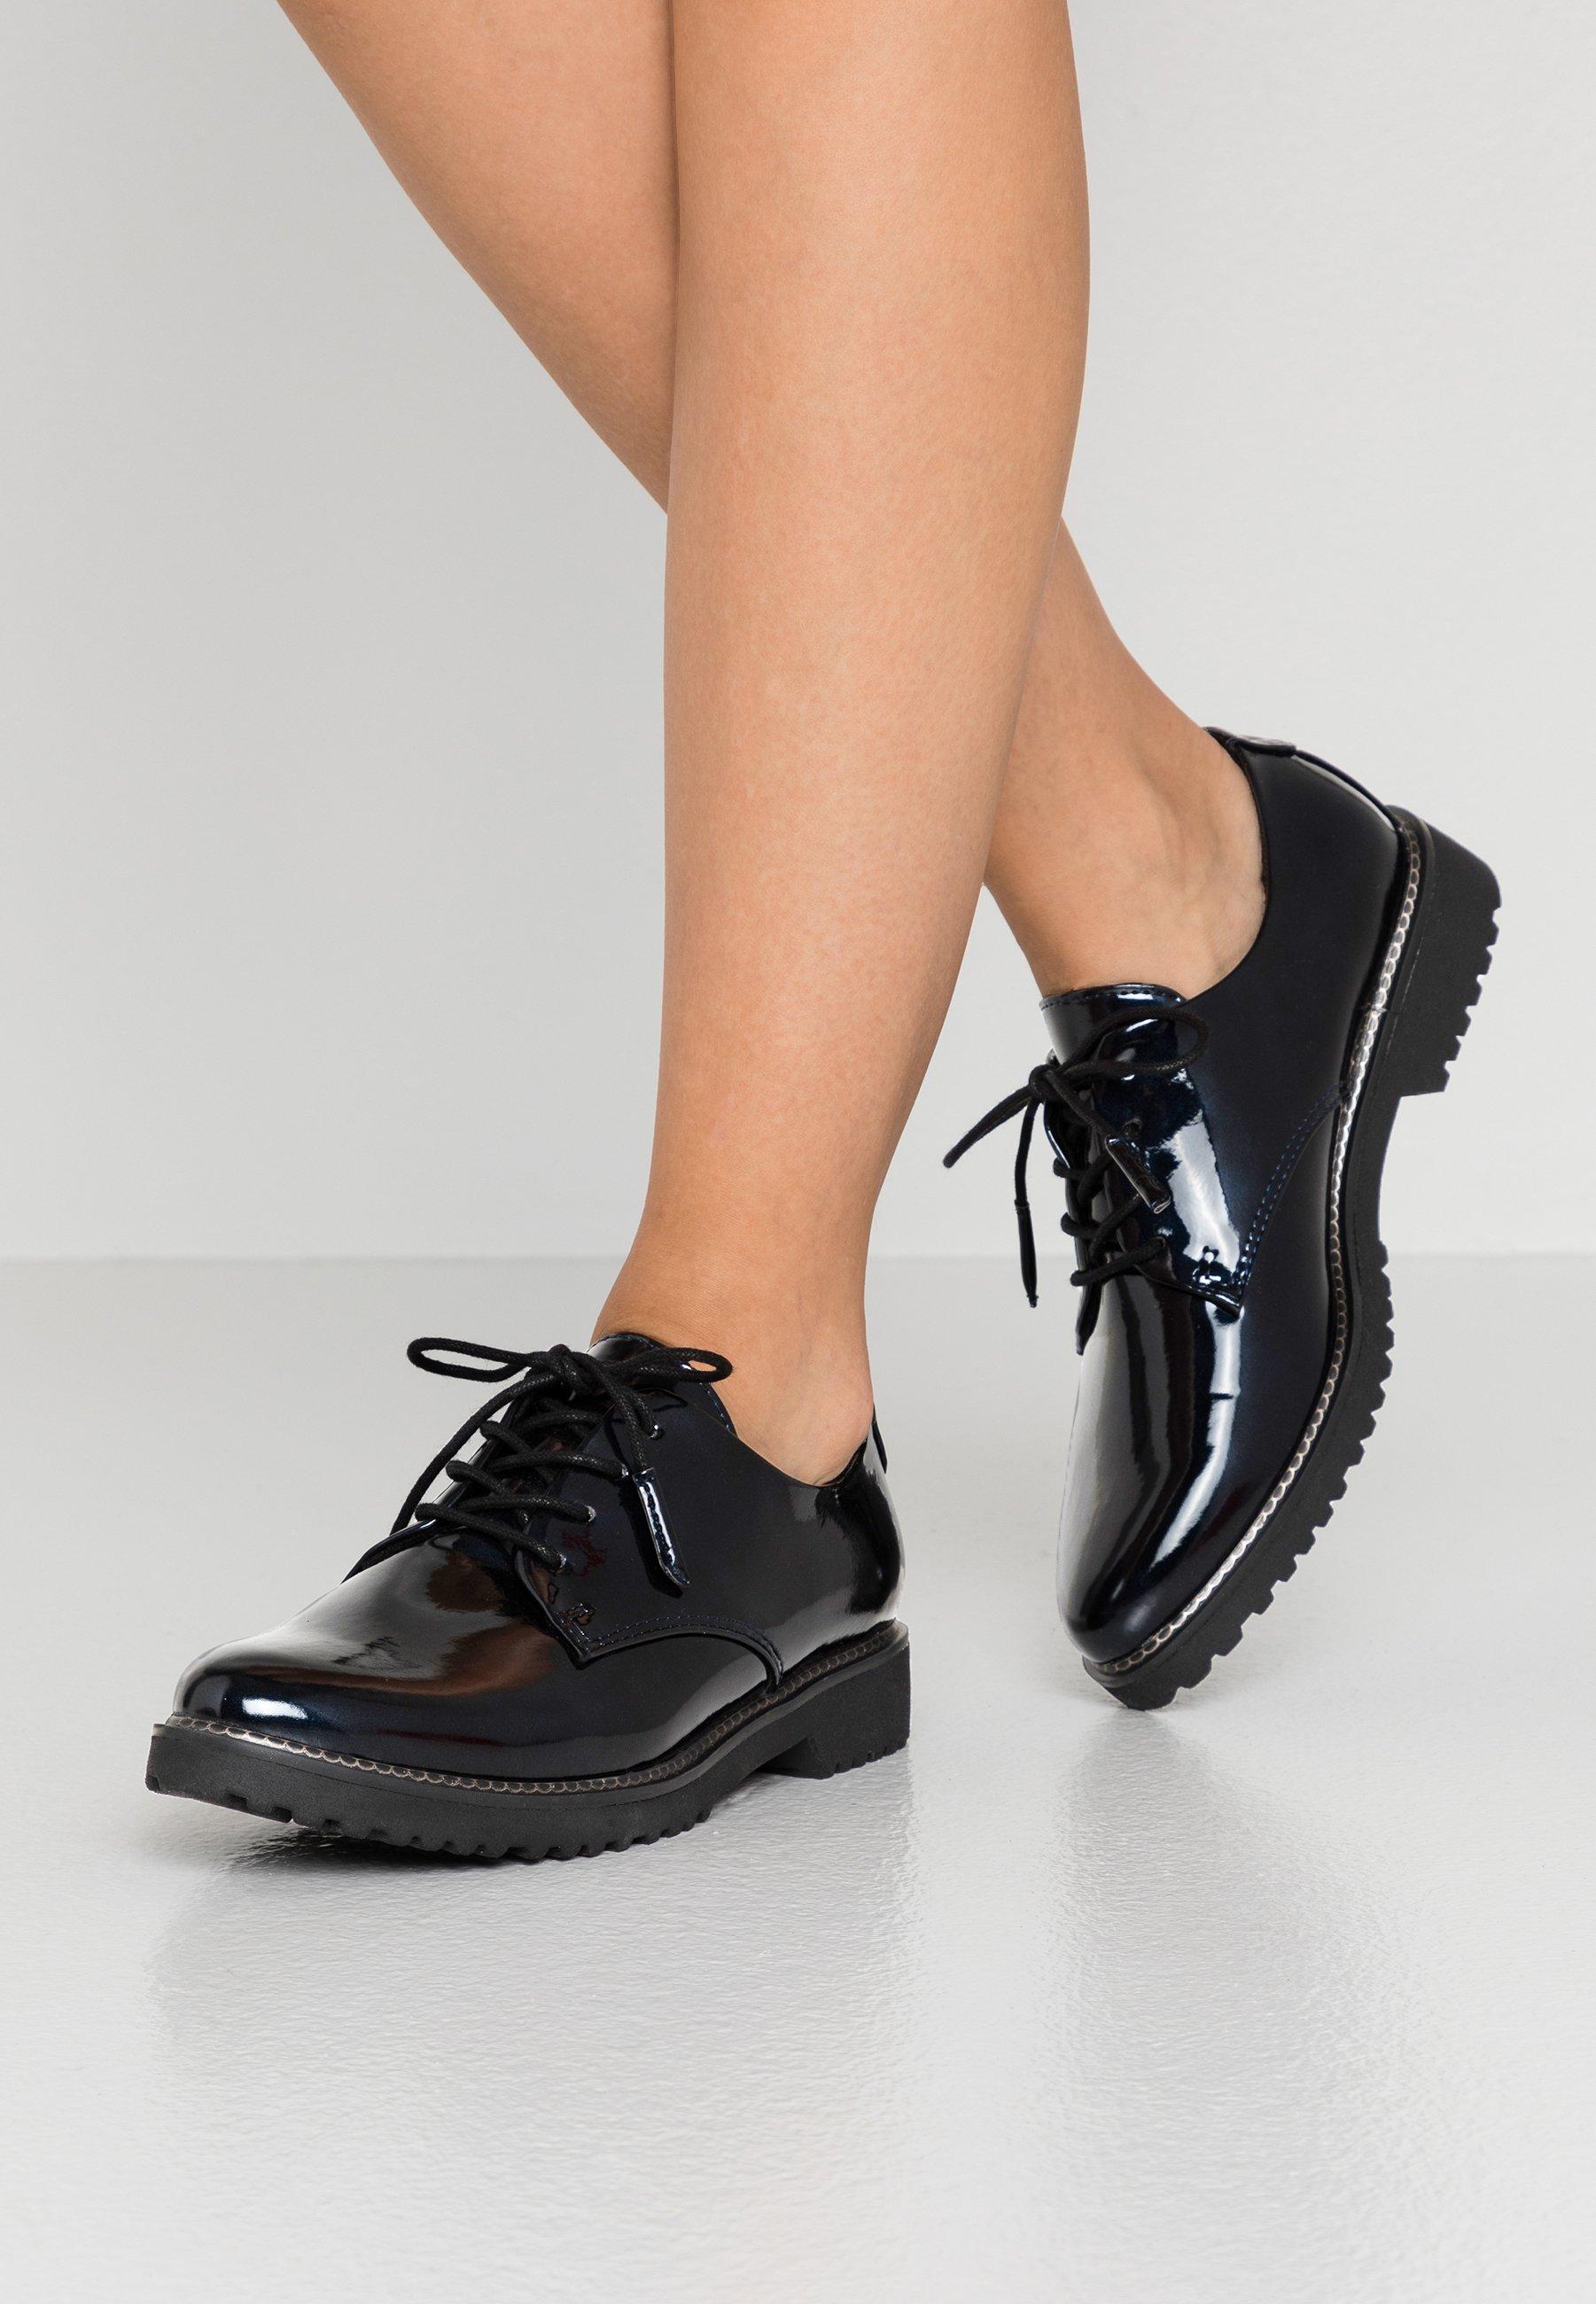 Blaue Schnürschuhe für Damen | Weiblichkeit mit androgynen